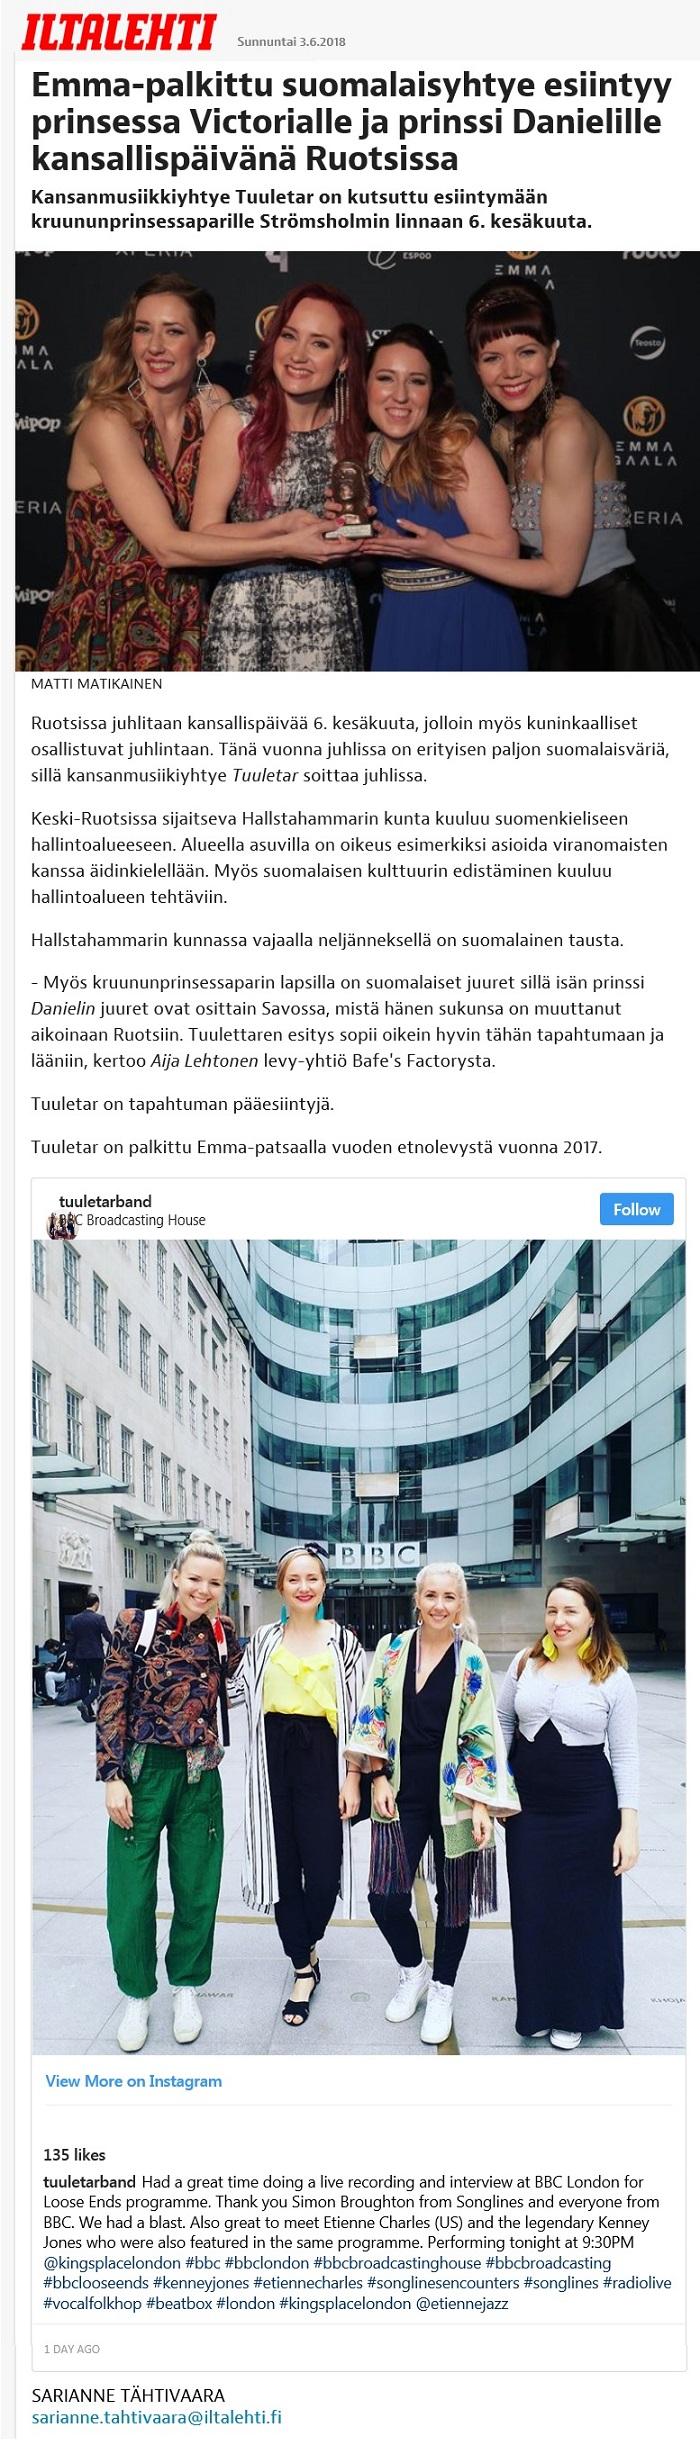 Iltalehti, 2.6.2018